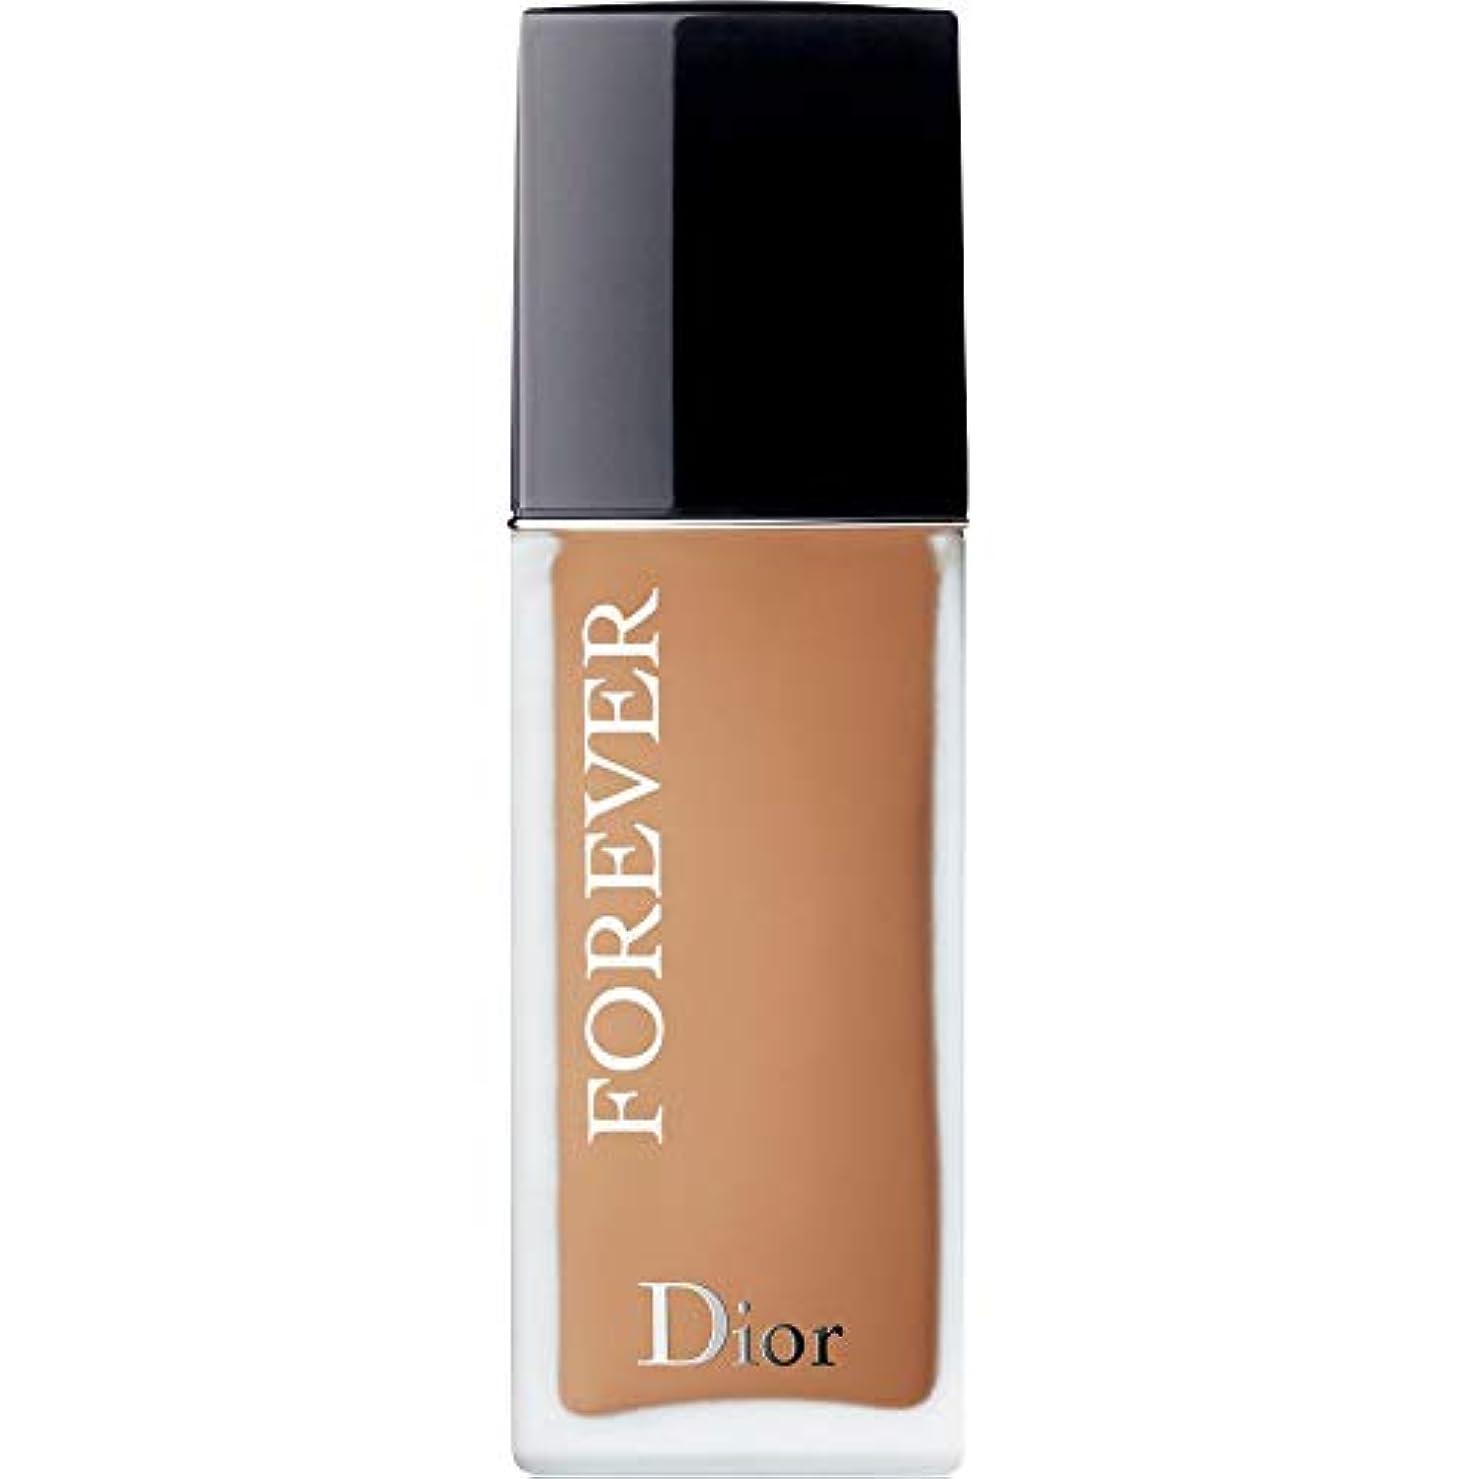 スイング休日に真鍮[Dior ] ディオール永遠皮膚思いやりの基盤Spf35 30ミリリットルの4.5ワット - 暖かい(つや消し) - DIOR Forever Skin-Caring Foundation SPF35 30ml 4.5W...